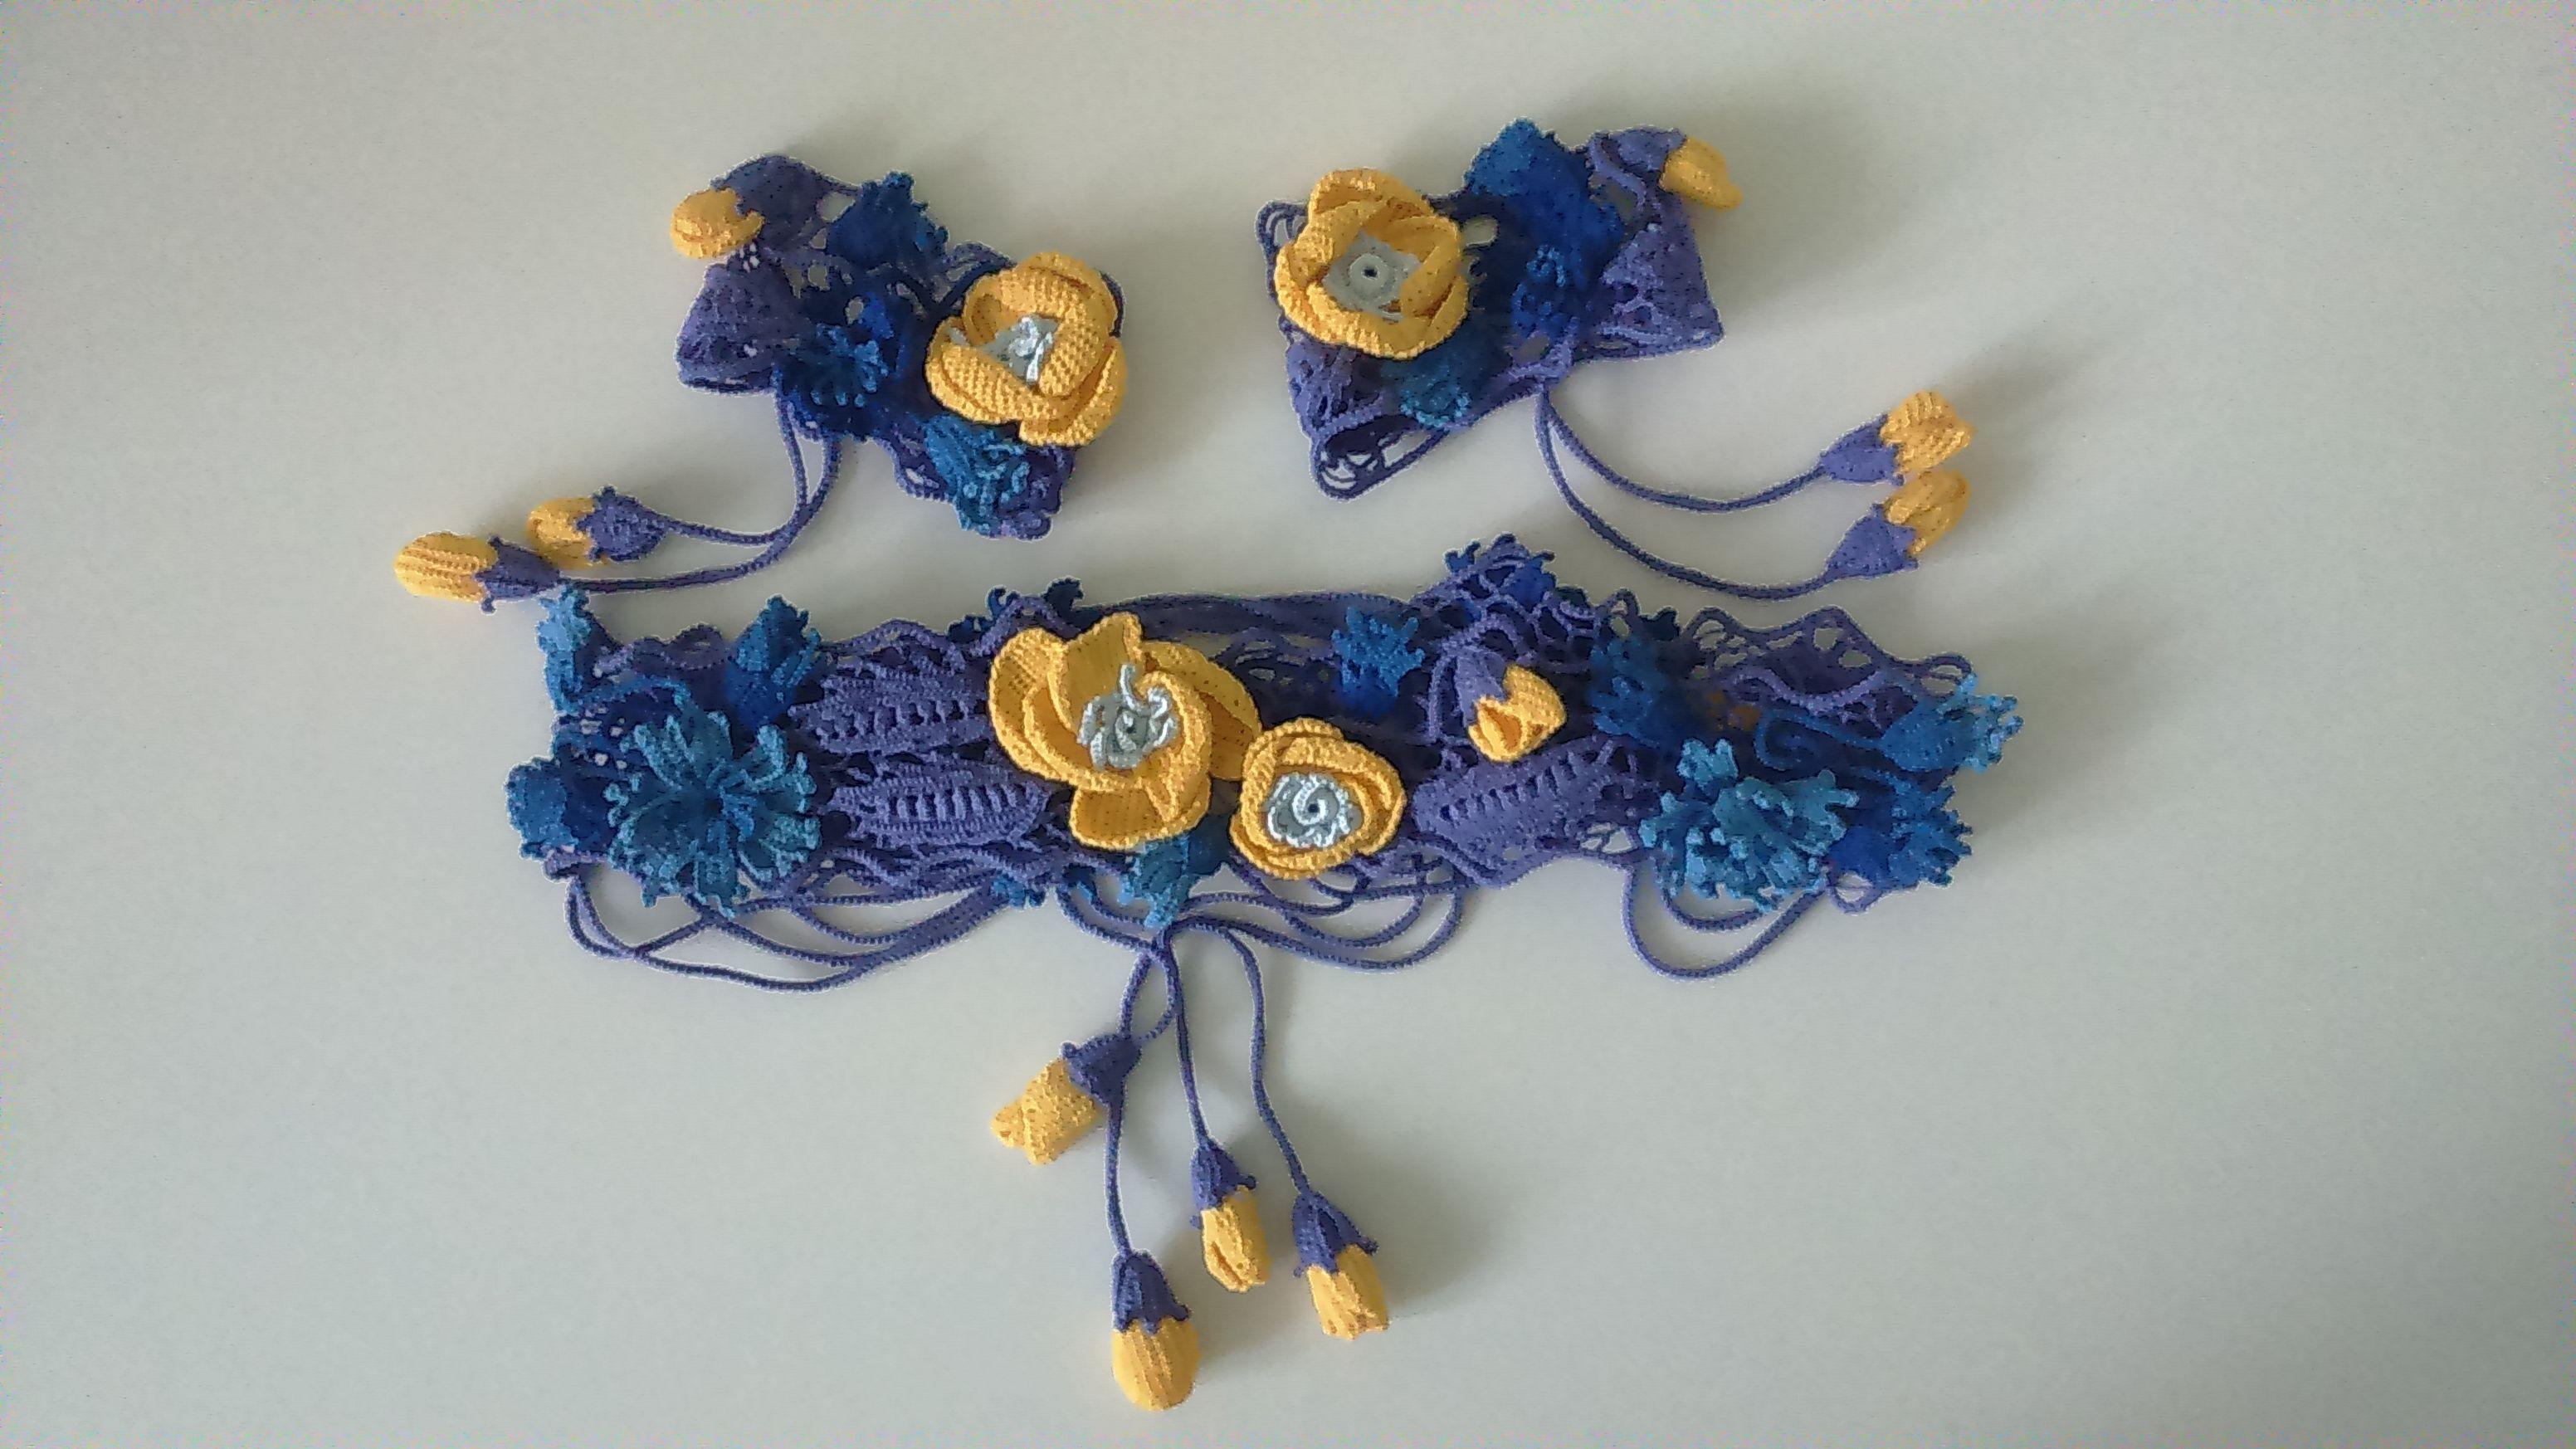 хлопок синий тунисскоевязание полевыецветы ирландское тунис желтыемаки кружева васильки желтый фиолетовый пояс цветы ирландскоекружево